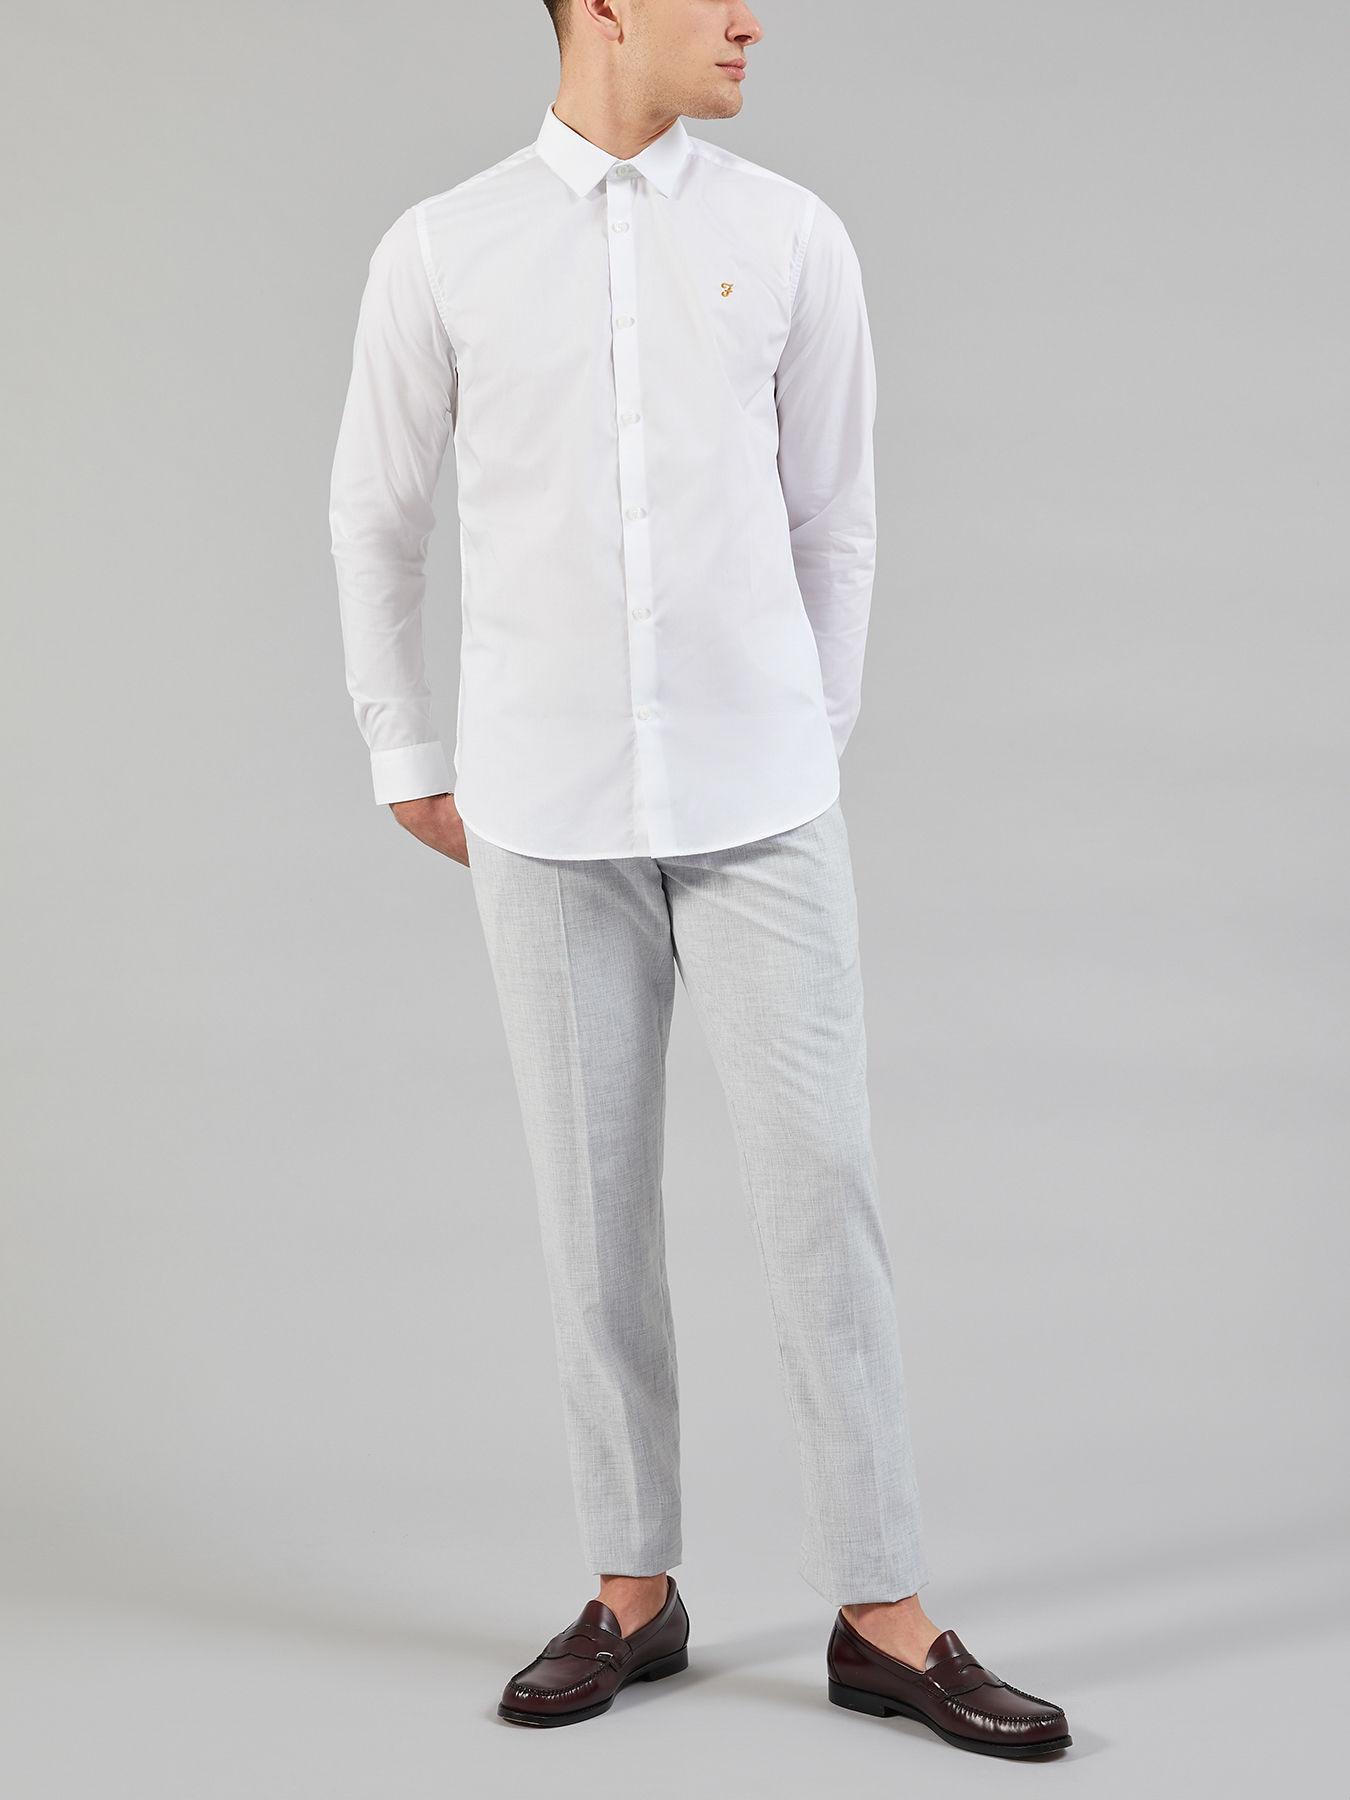 White Men Tailoring For Slim Shirt Lyst Farah In Handford m8vN0wPynO